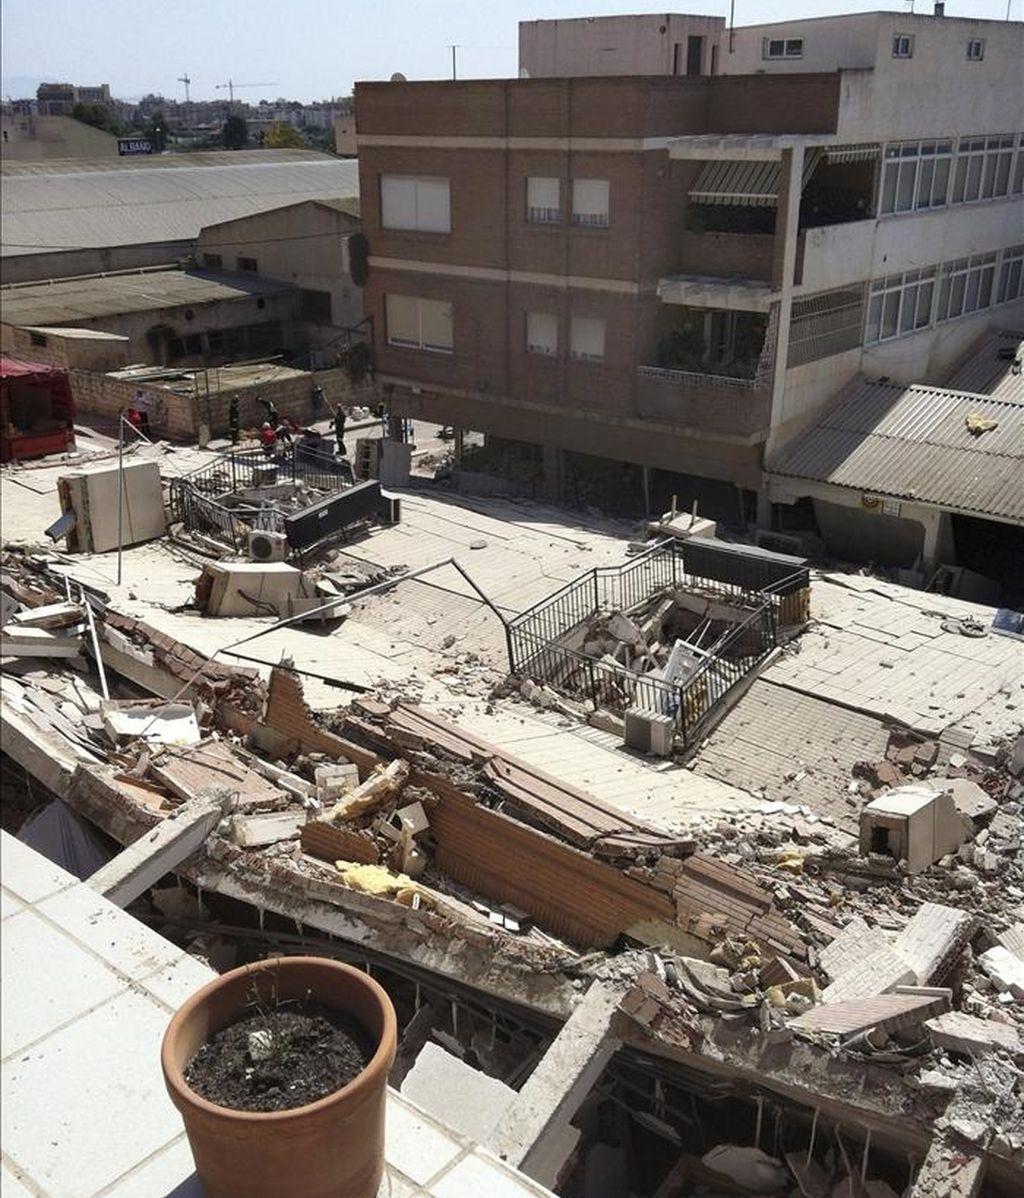 Estado de uno de los edificios de Lorca (Murcia) afectado po los terremotos del pasado miércoles en el que trabajan los bomberos de la Comunidad de Madrid. EFE